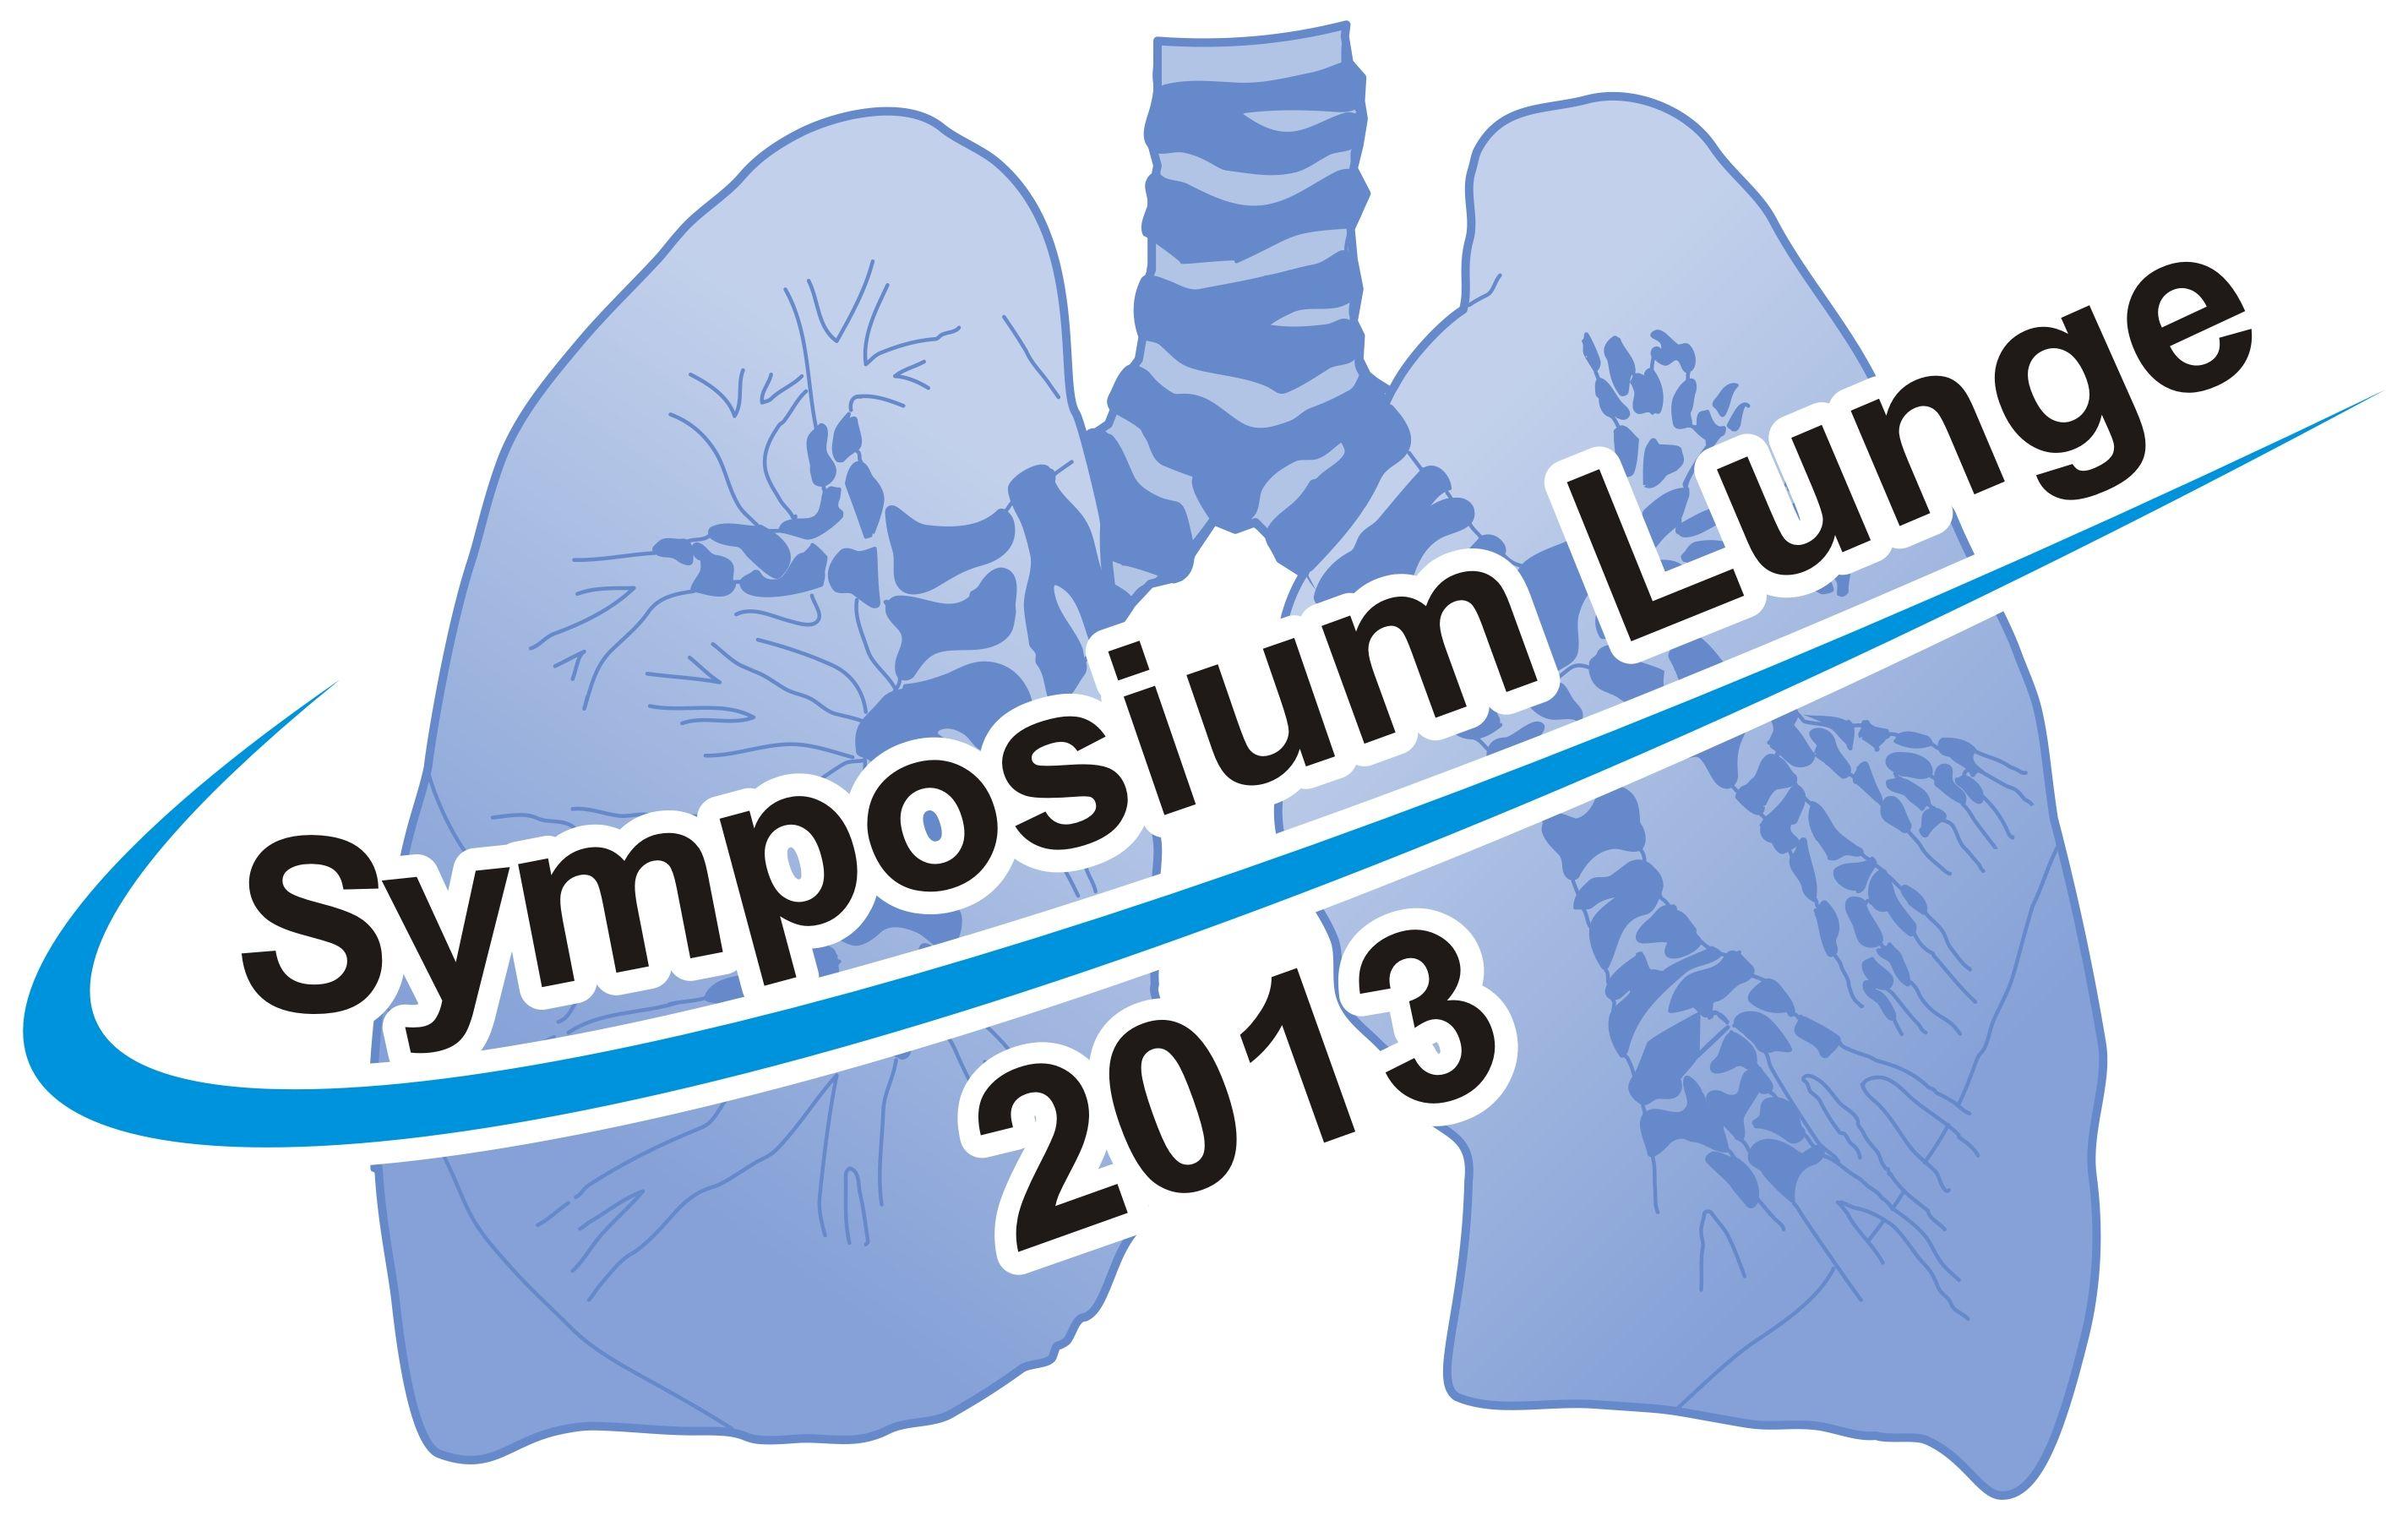 Medien-News.Net - Infos & Tipps rund um Medien | Symposium-Lunge 2013